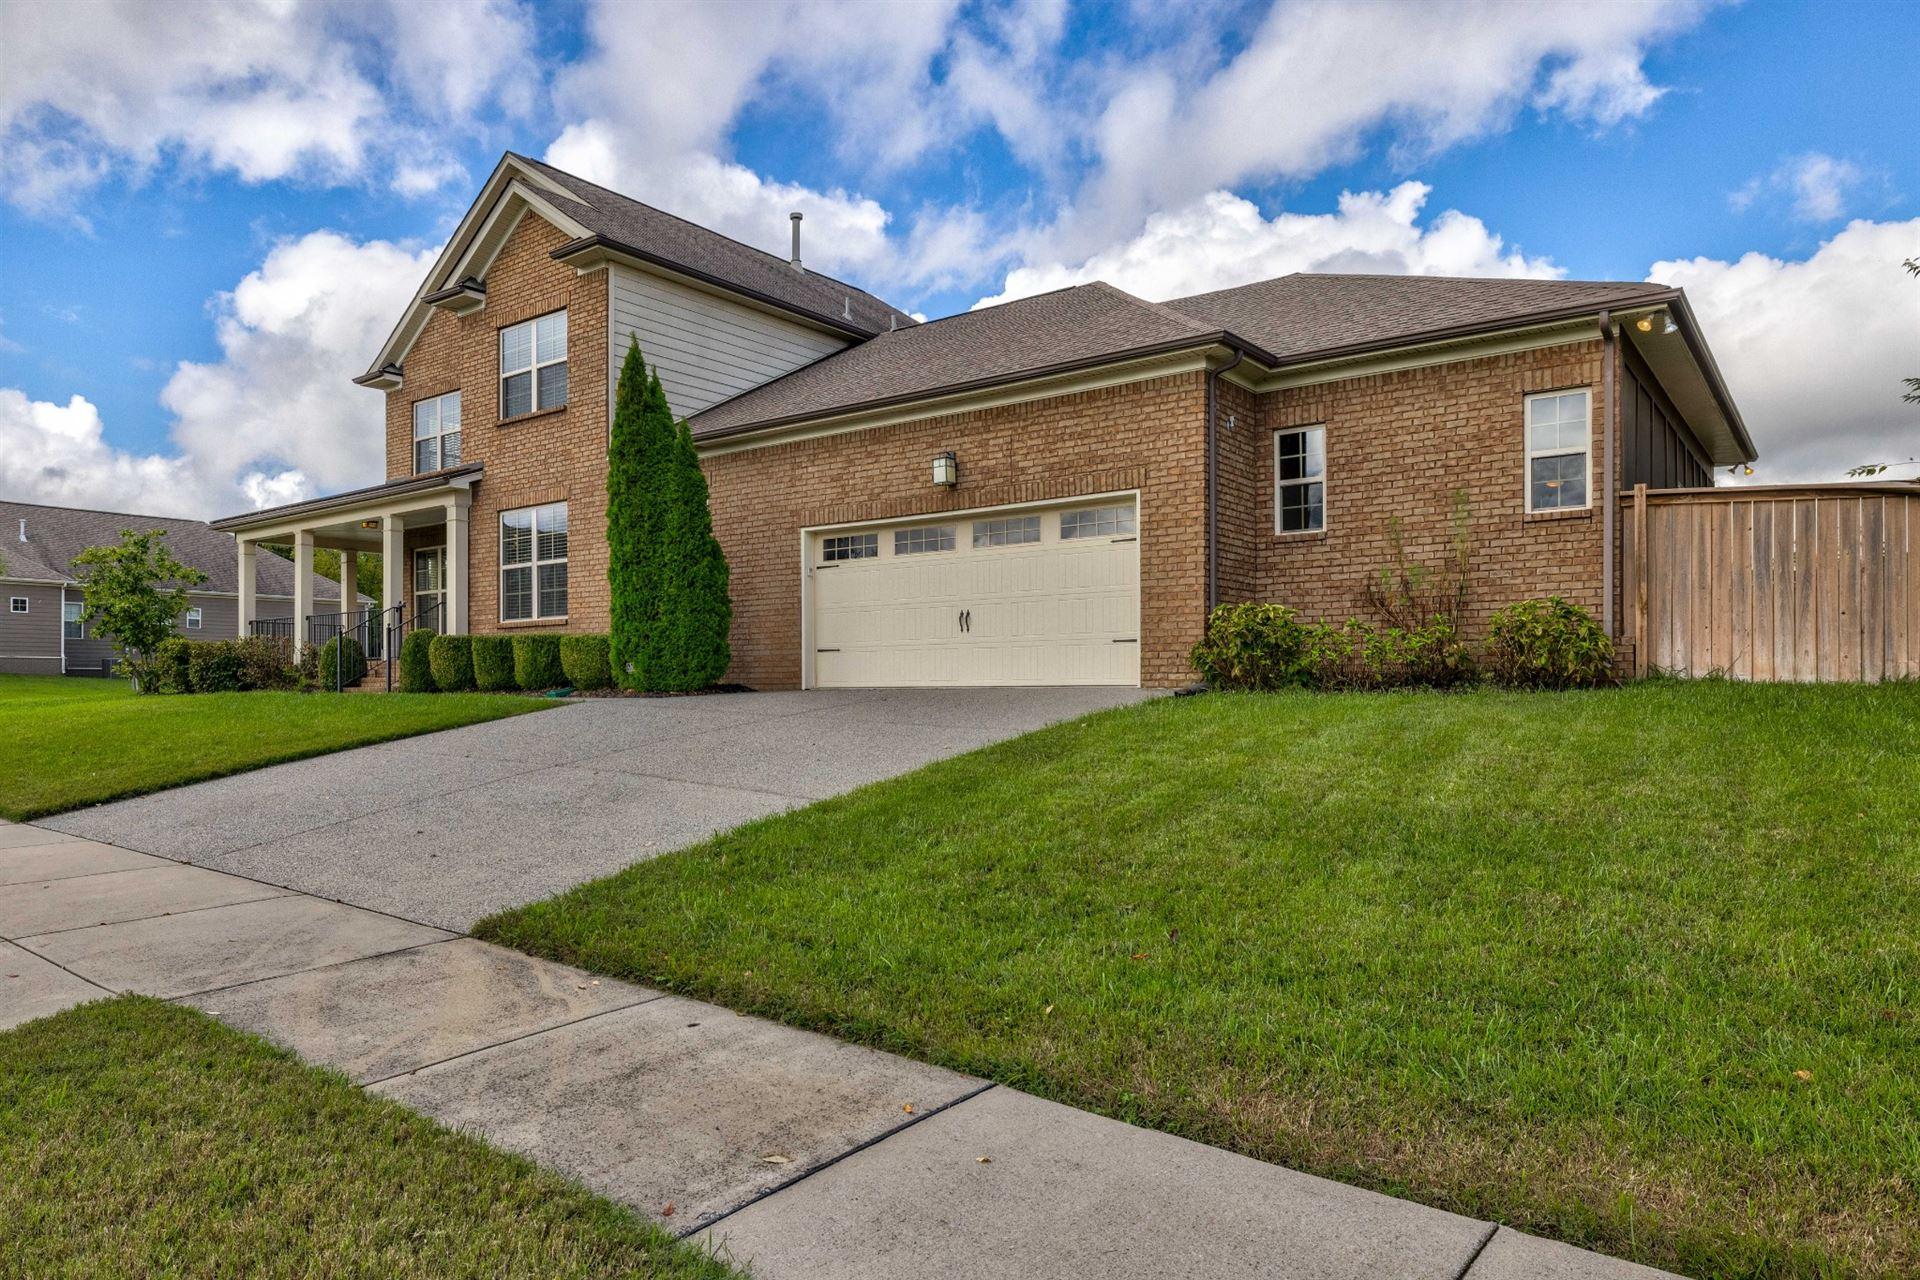 Photo of 629 Westcott Ln, Nolensville, TN 37135 (MLS # 2298608)